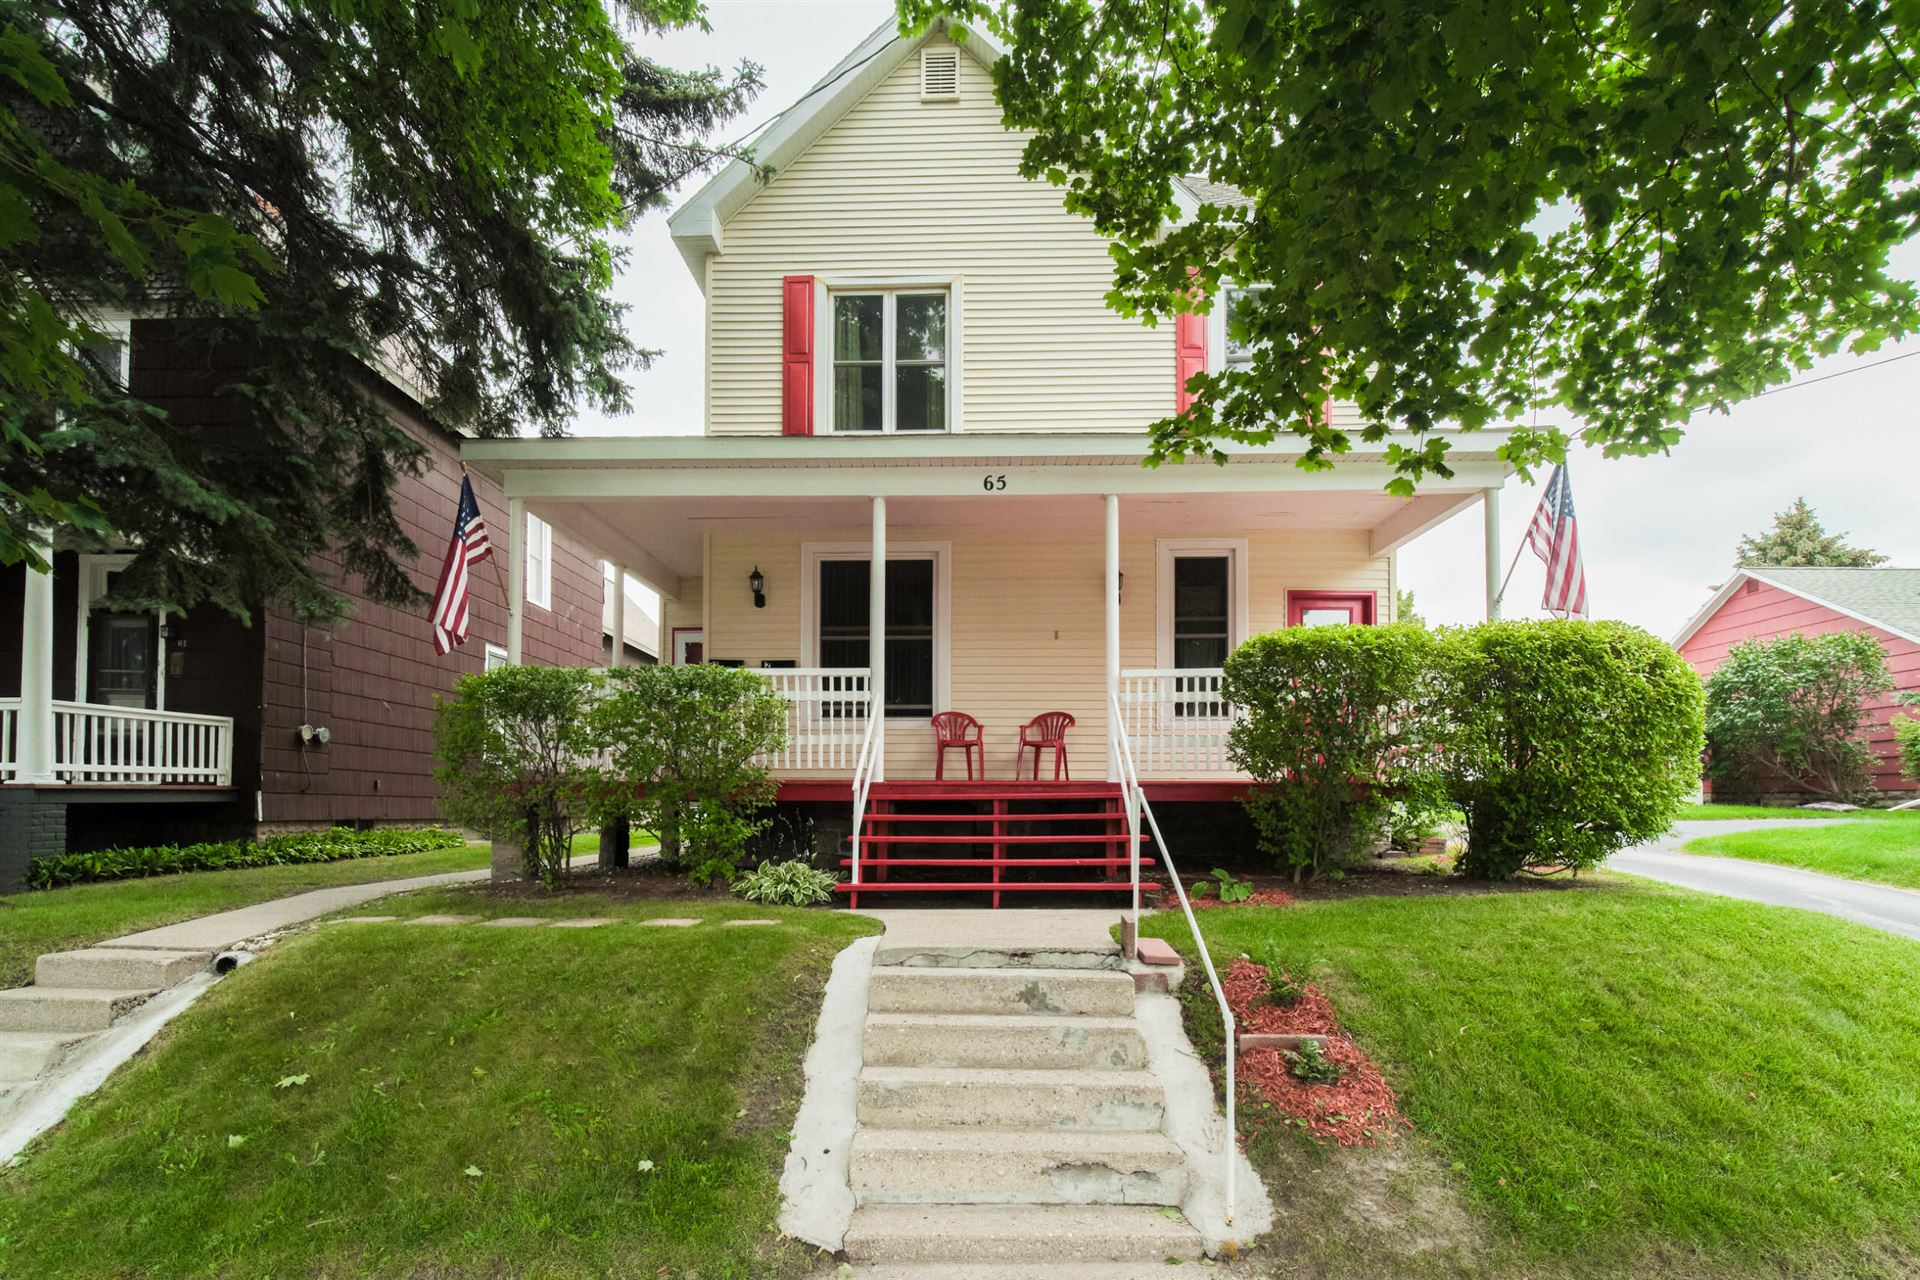 65 Greenbush Street, Manistee, MI 49660 - MLS#: 21099421